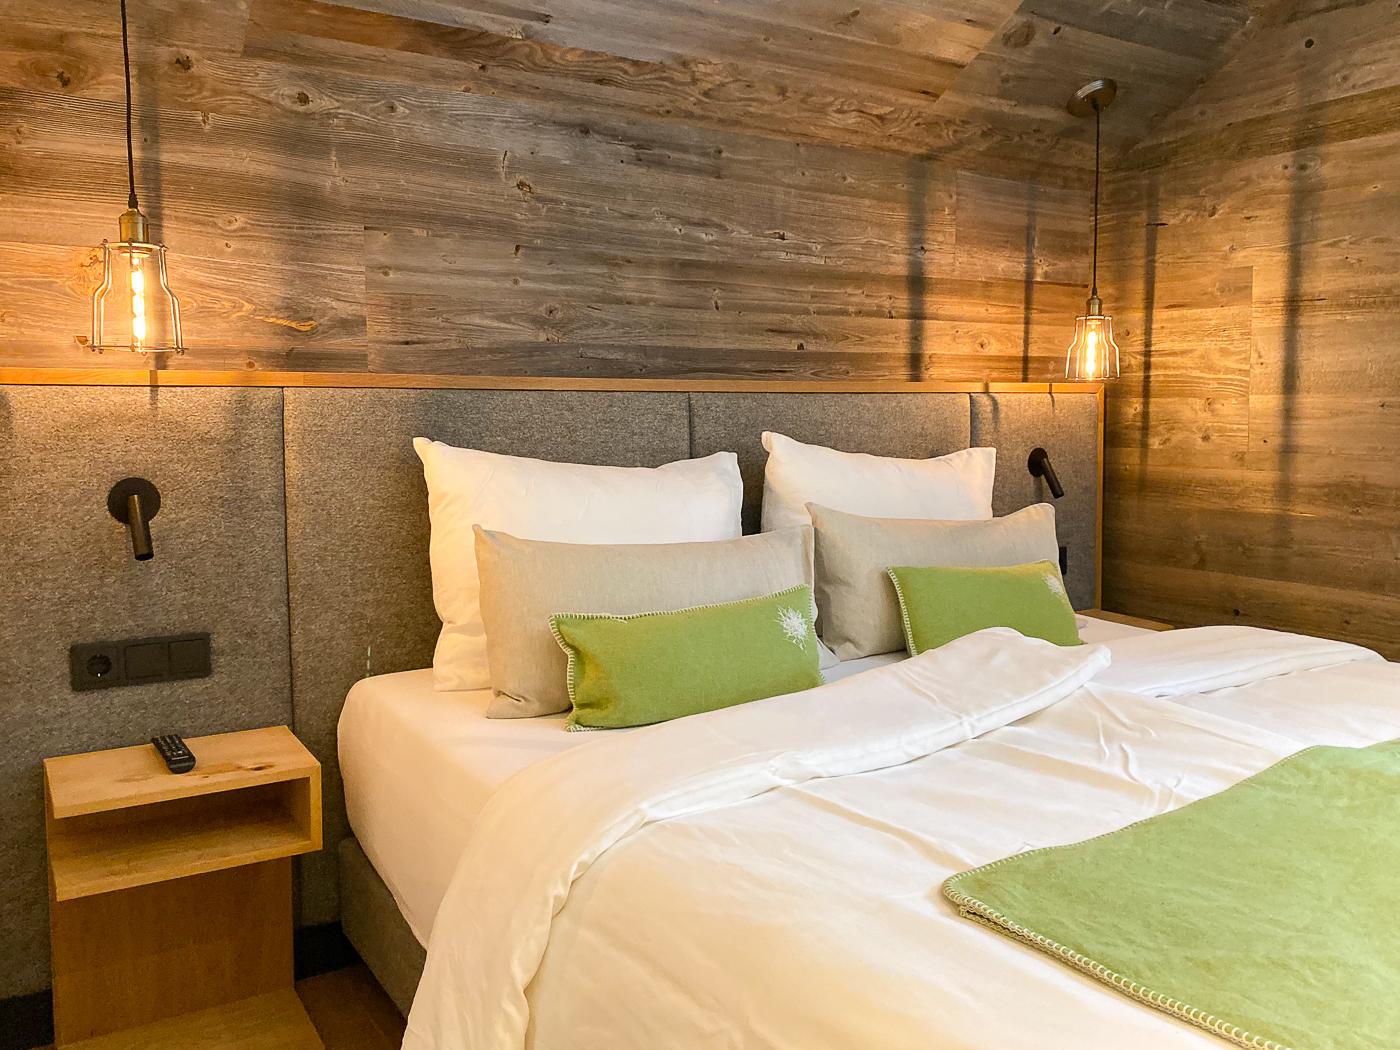 Schlafzimmer im Chalet vom Hotel Bergwiesenglück